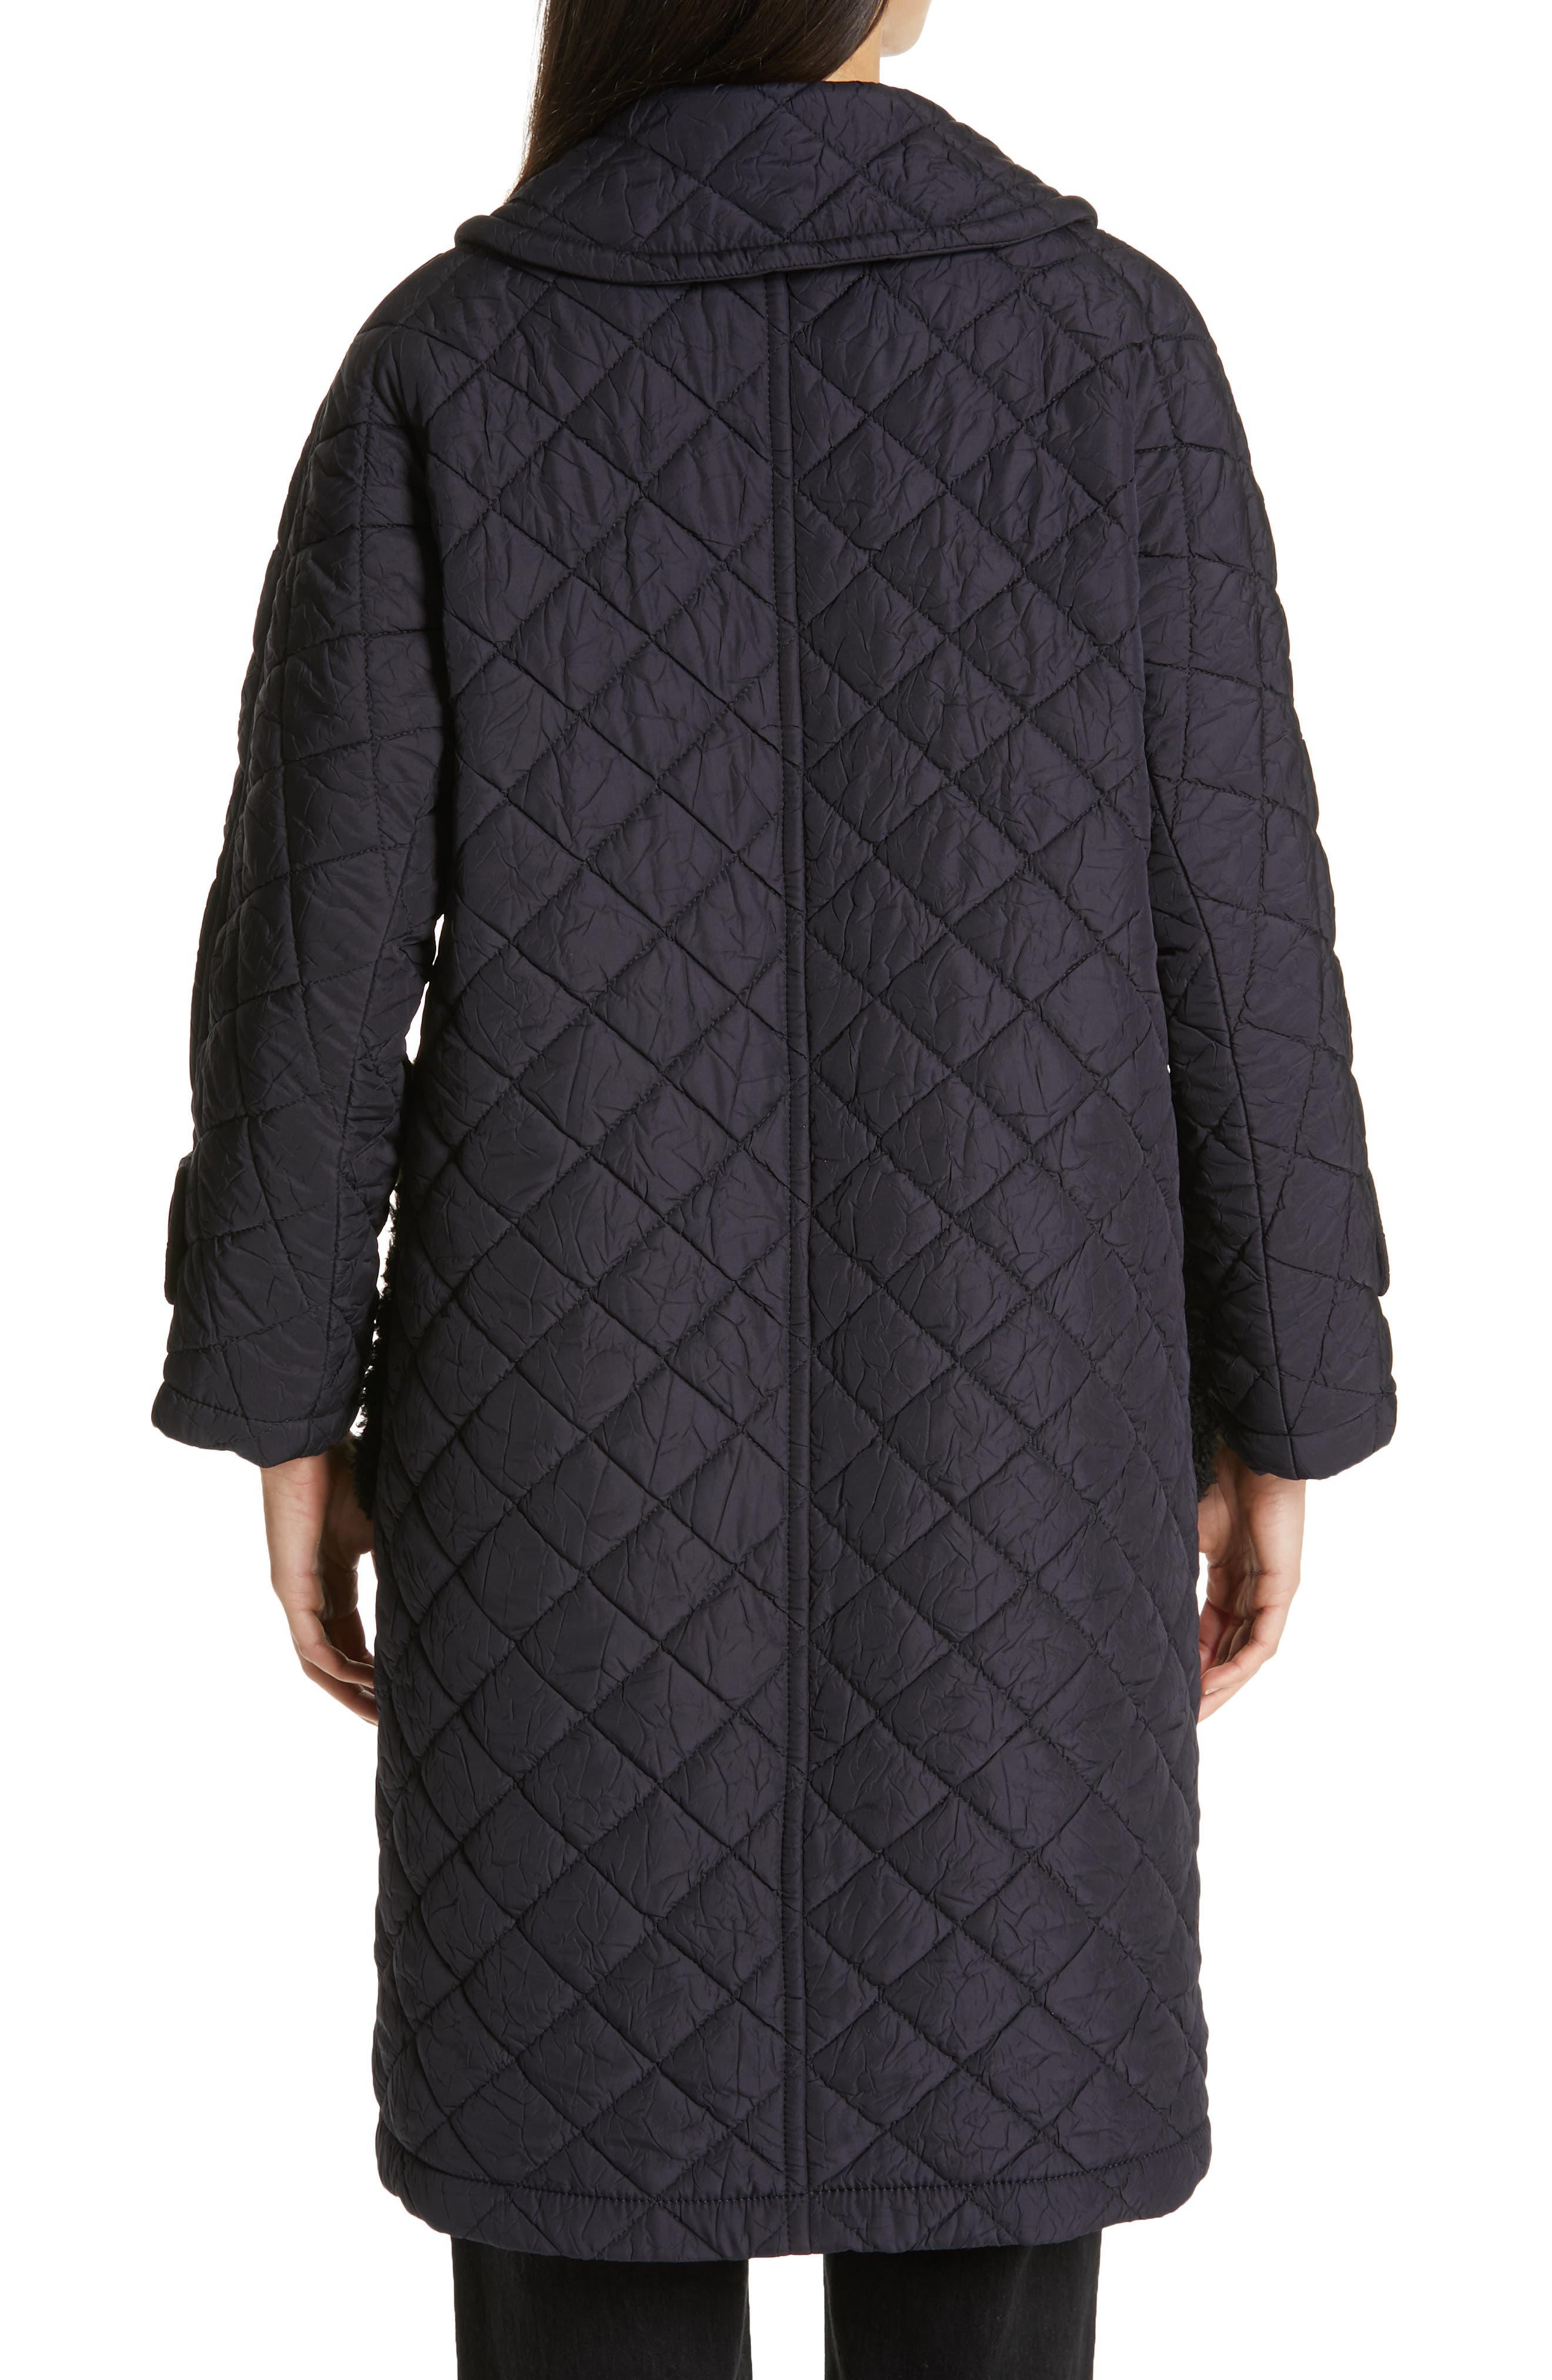 TRICOT COMME DES GARÇONS, Quilted Coat with Faux Fur Trim, Alternate thumbnail 2, color, NAVY X BLACK